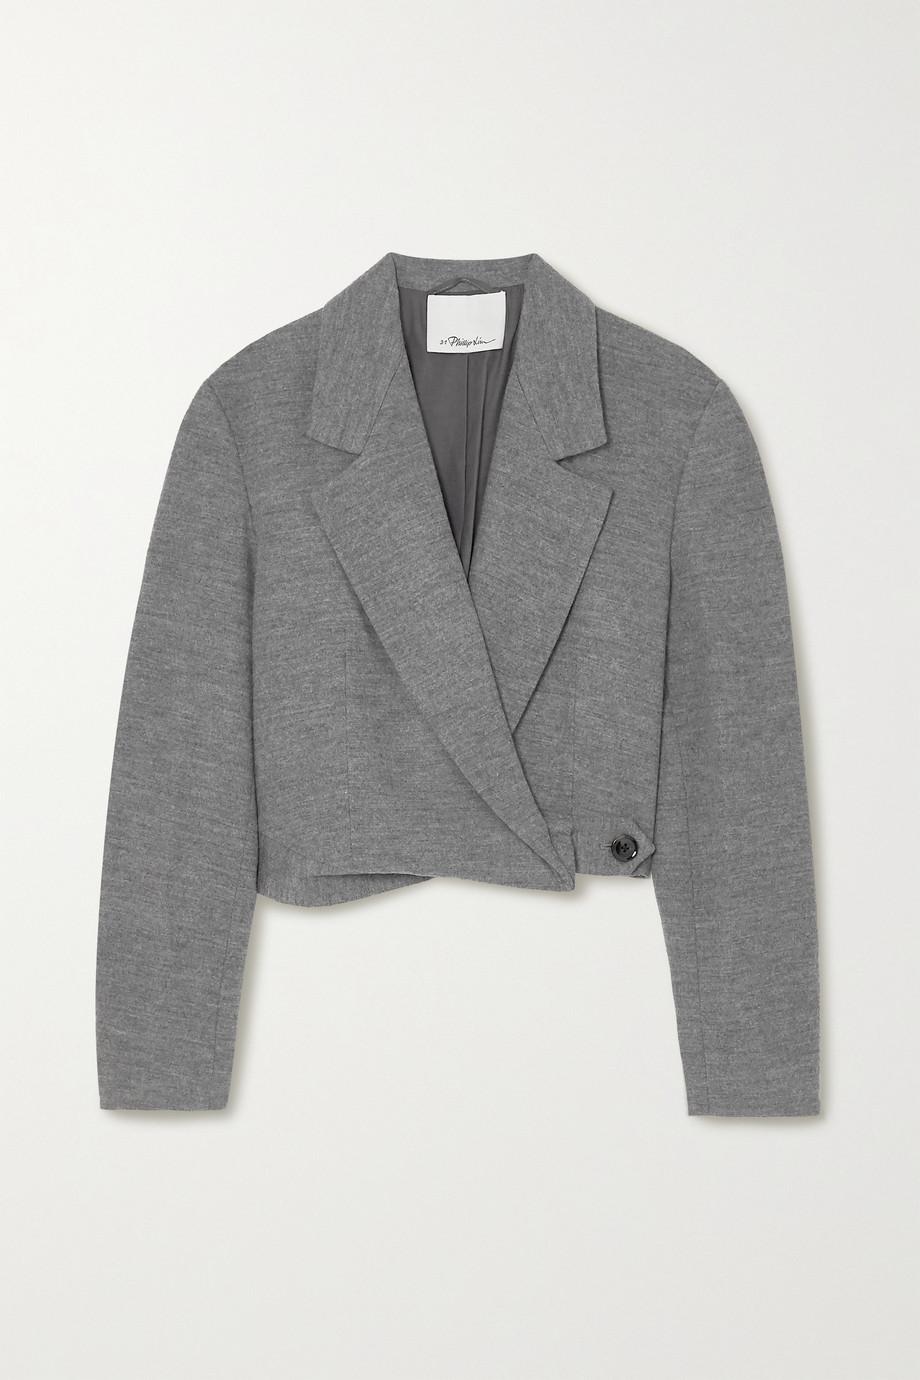 3.1 Phillip Lim 混色羊毛短款西装外套